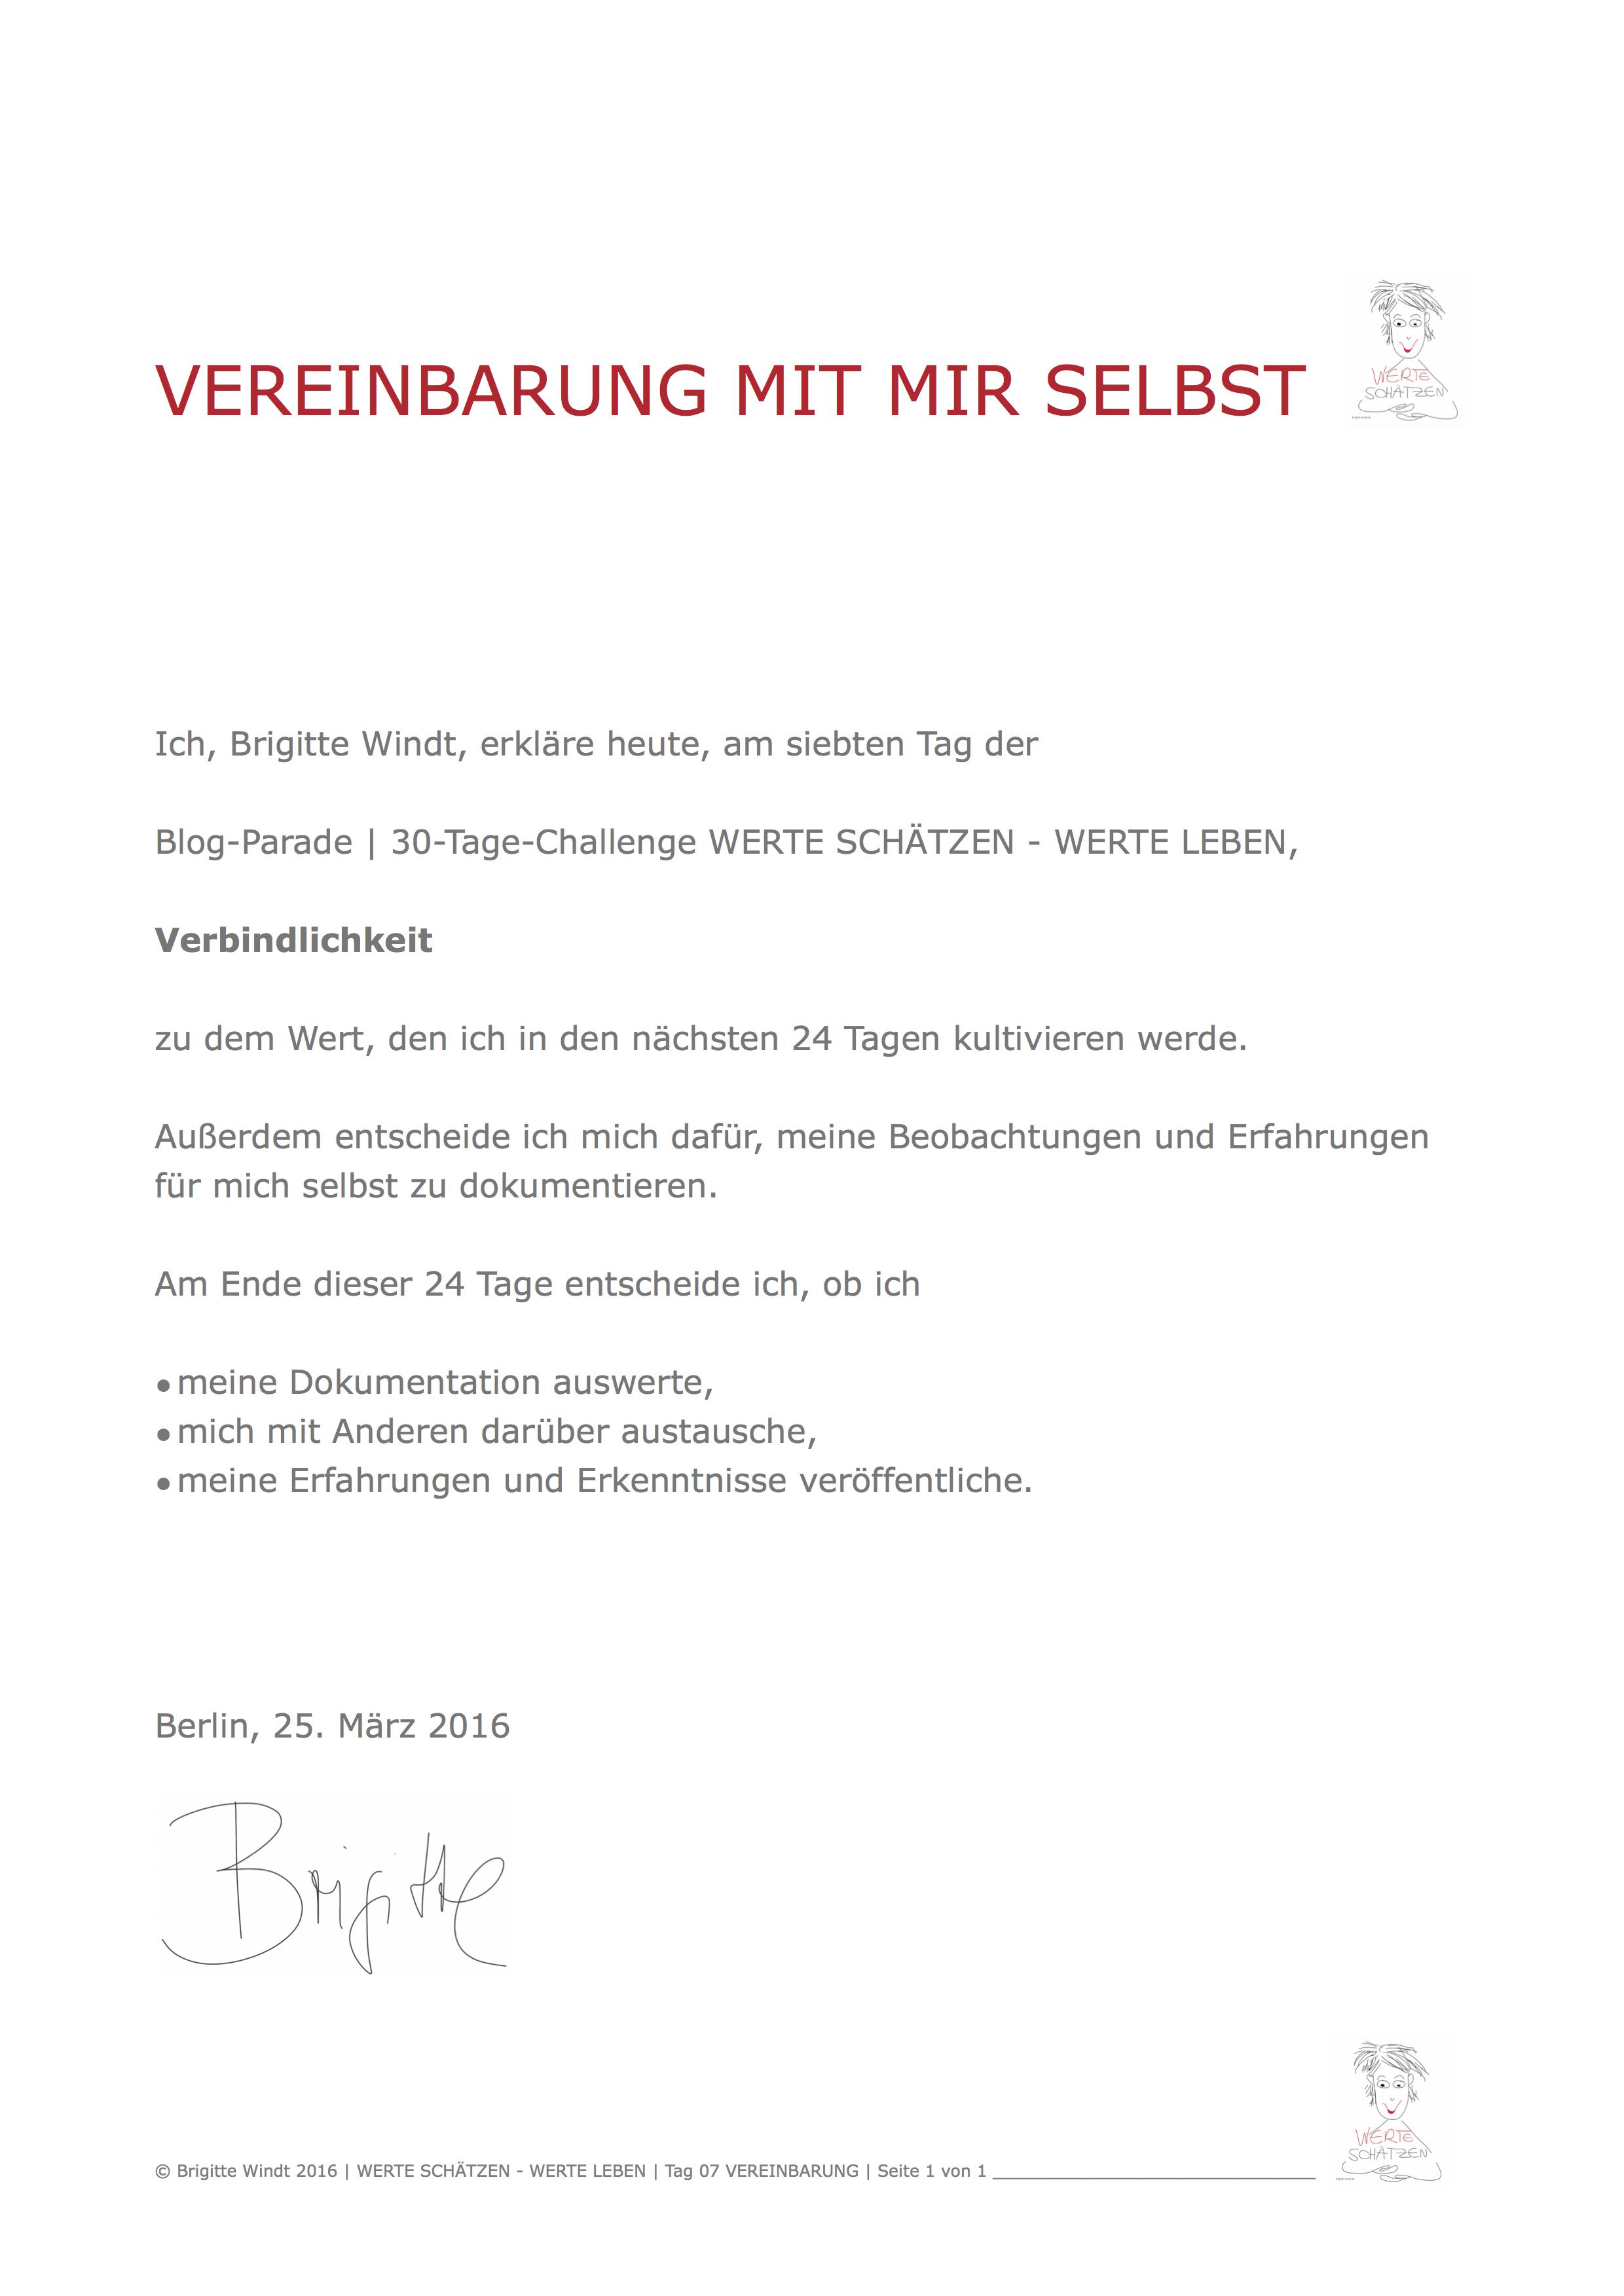 werte_vereinbarung2